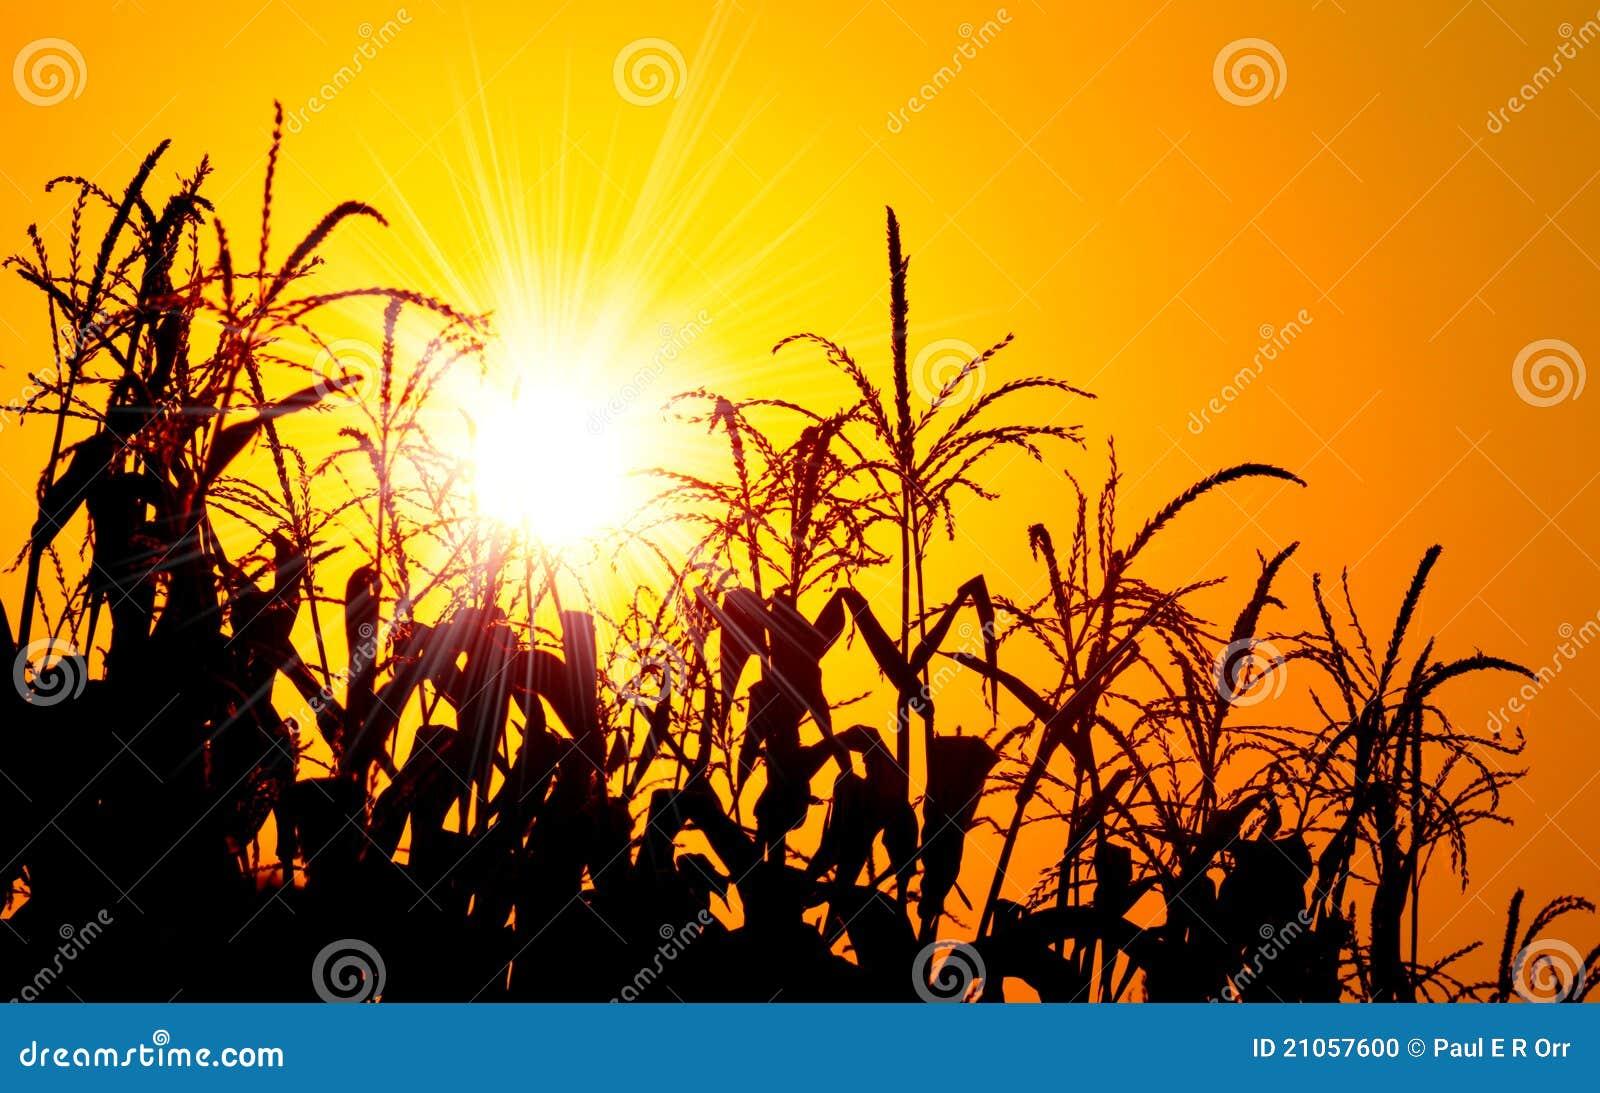 Brilliant orange sunrise over a Corn field